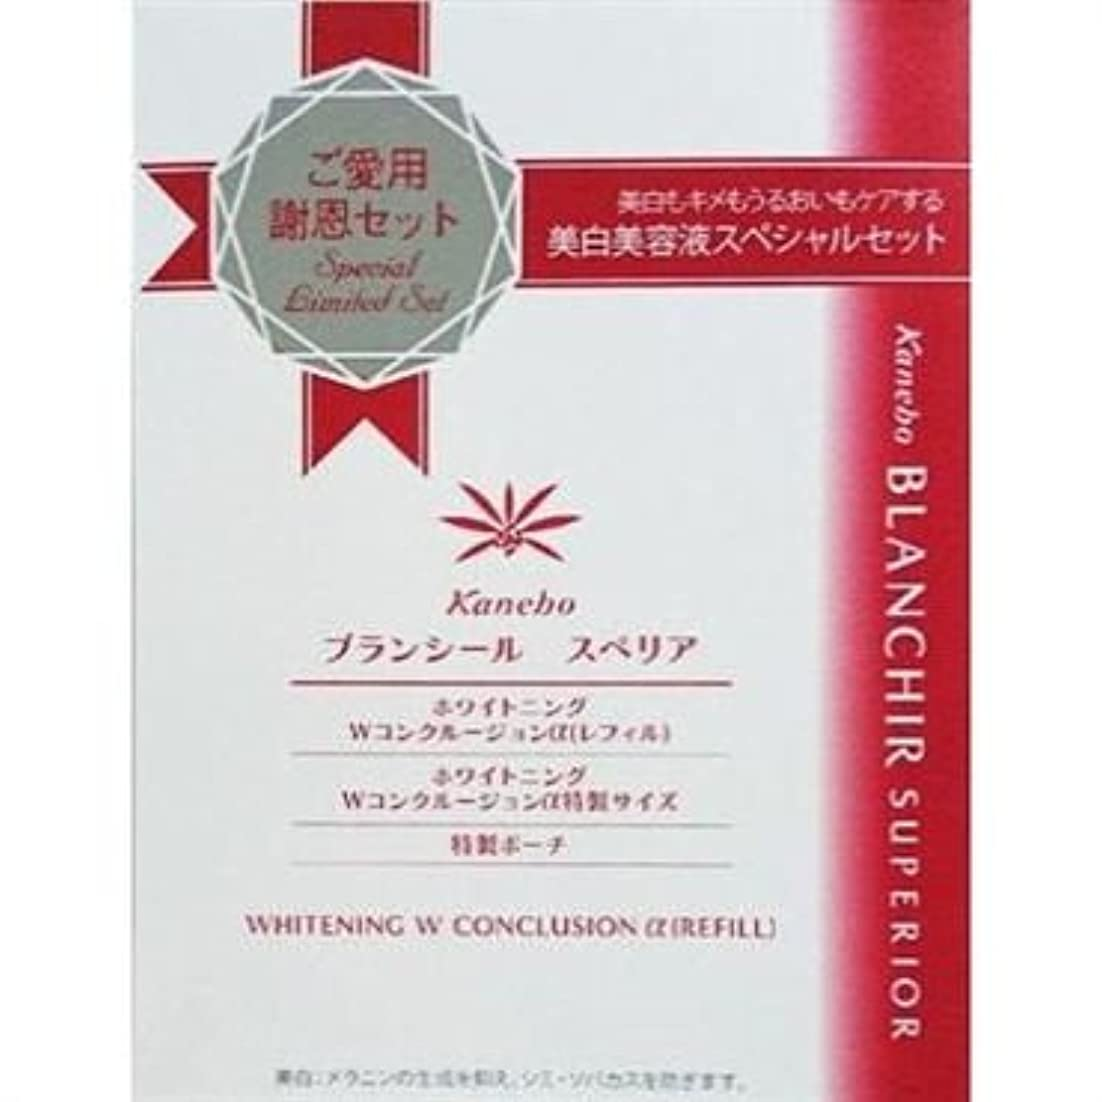 限定版 カネボウ ブランシール スペリア ホワイトニング Wコンクルージョンa(レフィル)セットⅢ